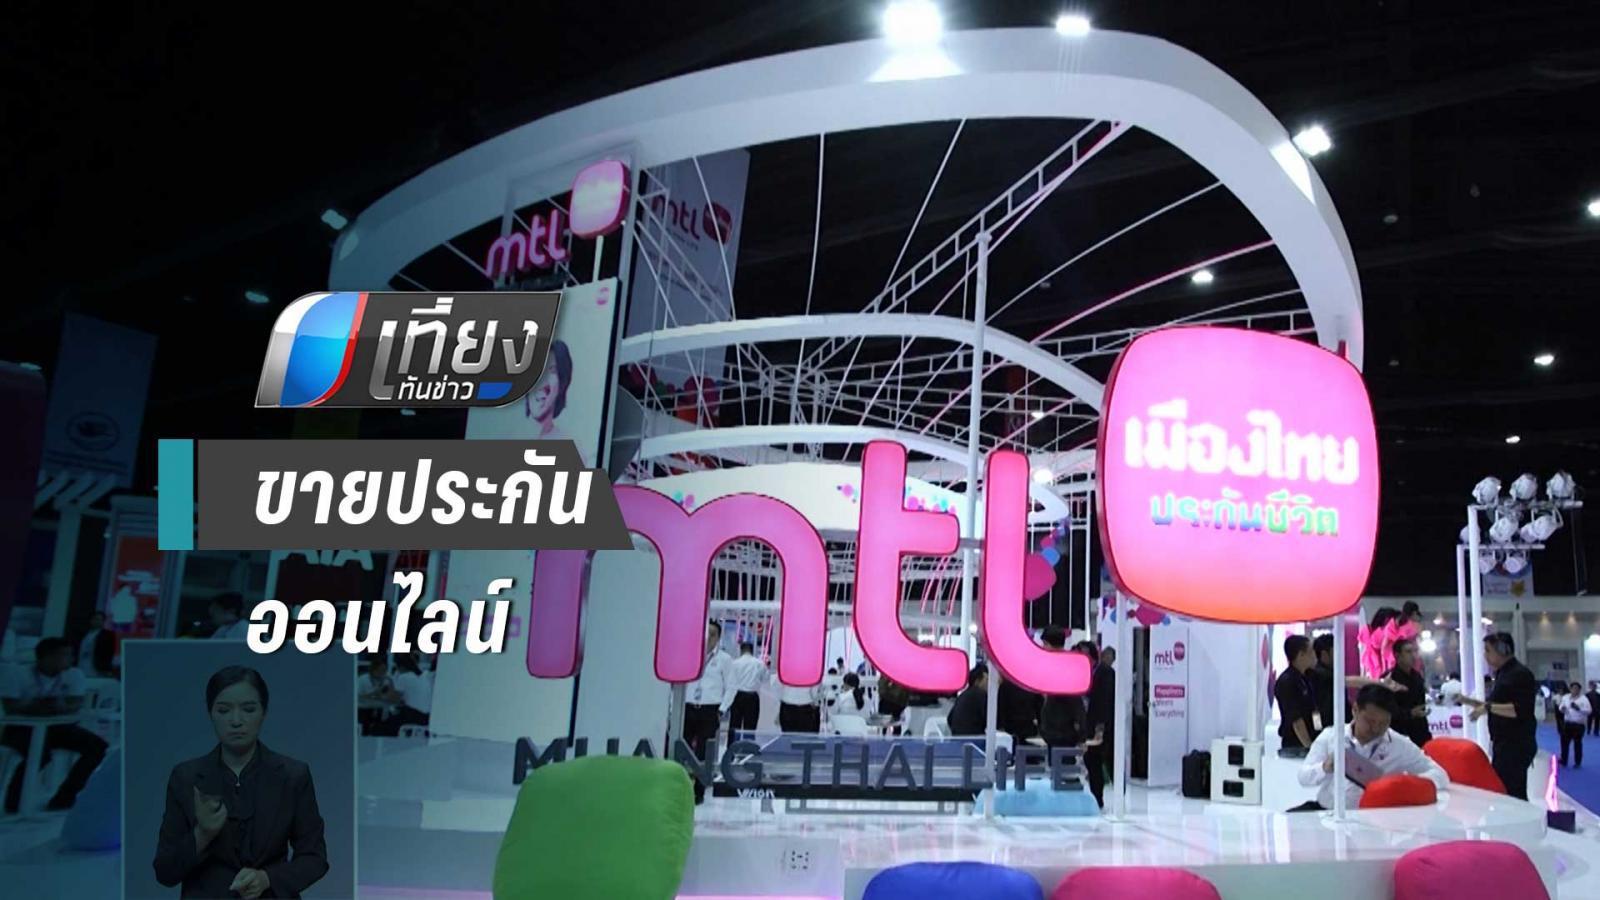 เมืองไทยฯ ดัน ขายประกันออนไลน์